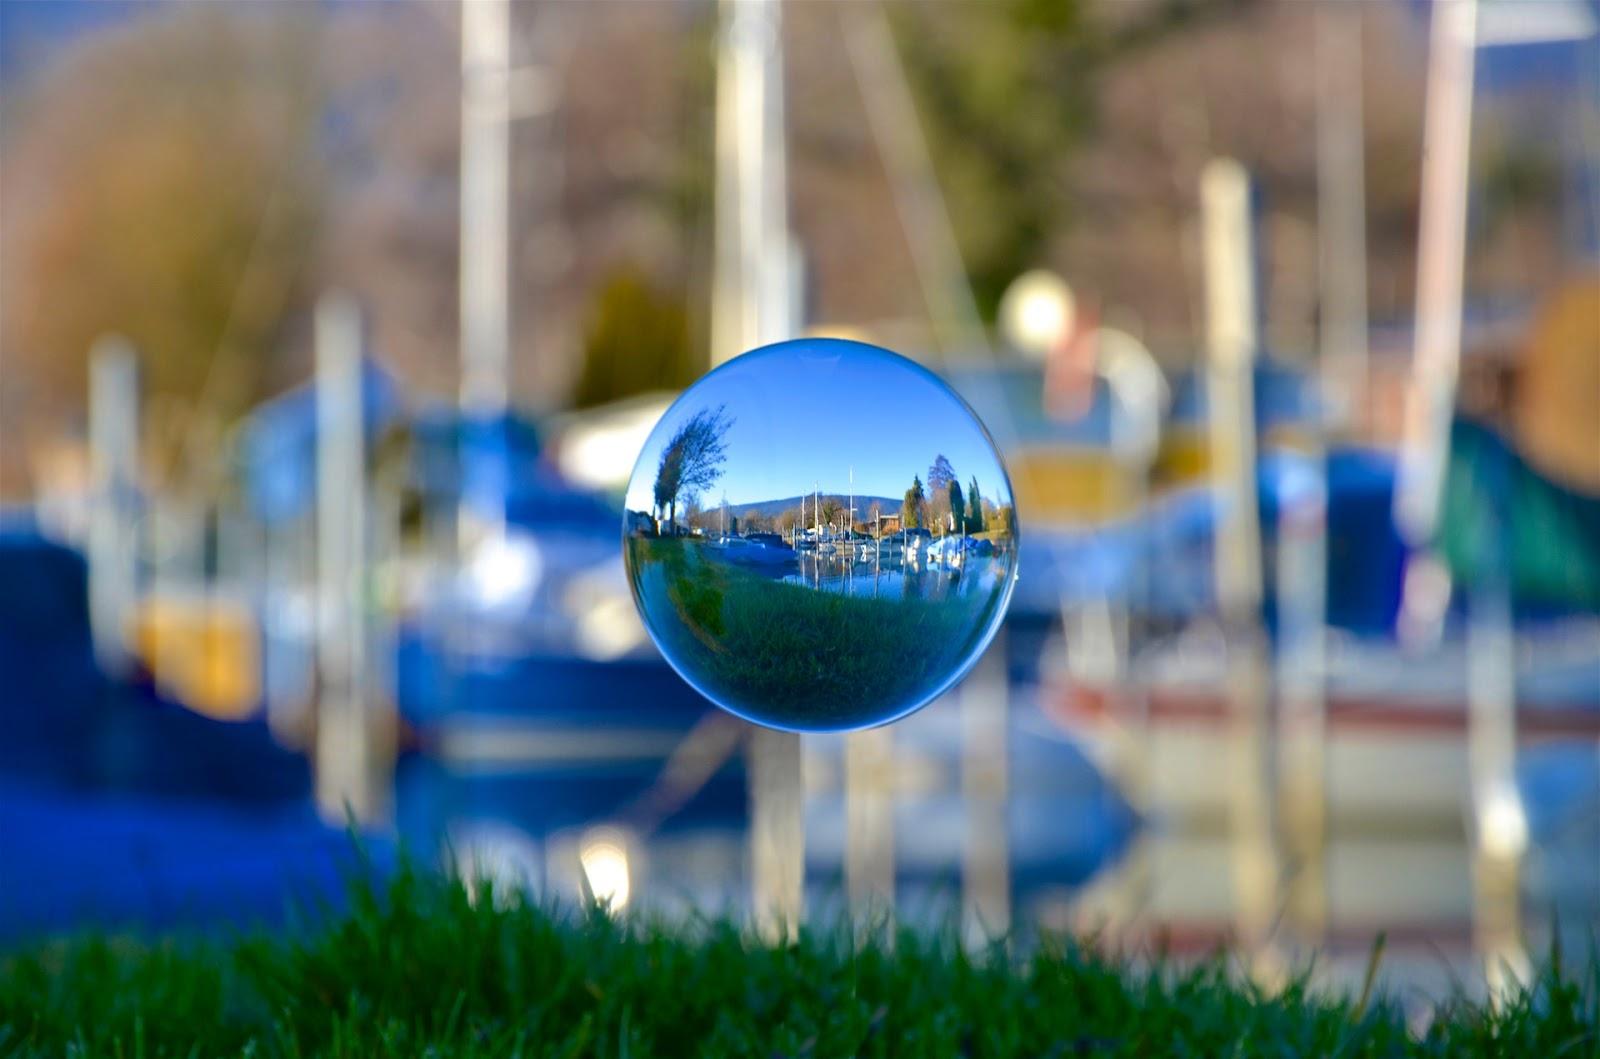 sphere prism